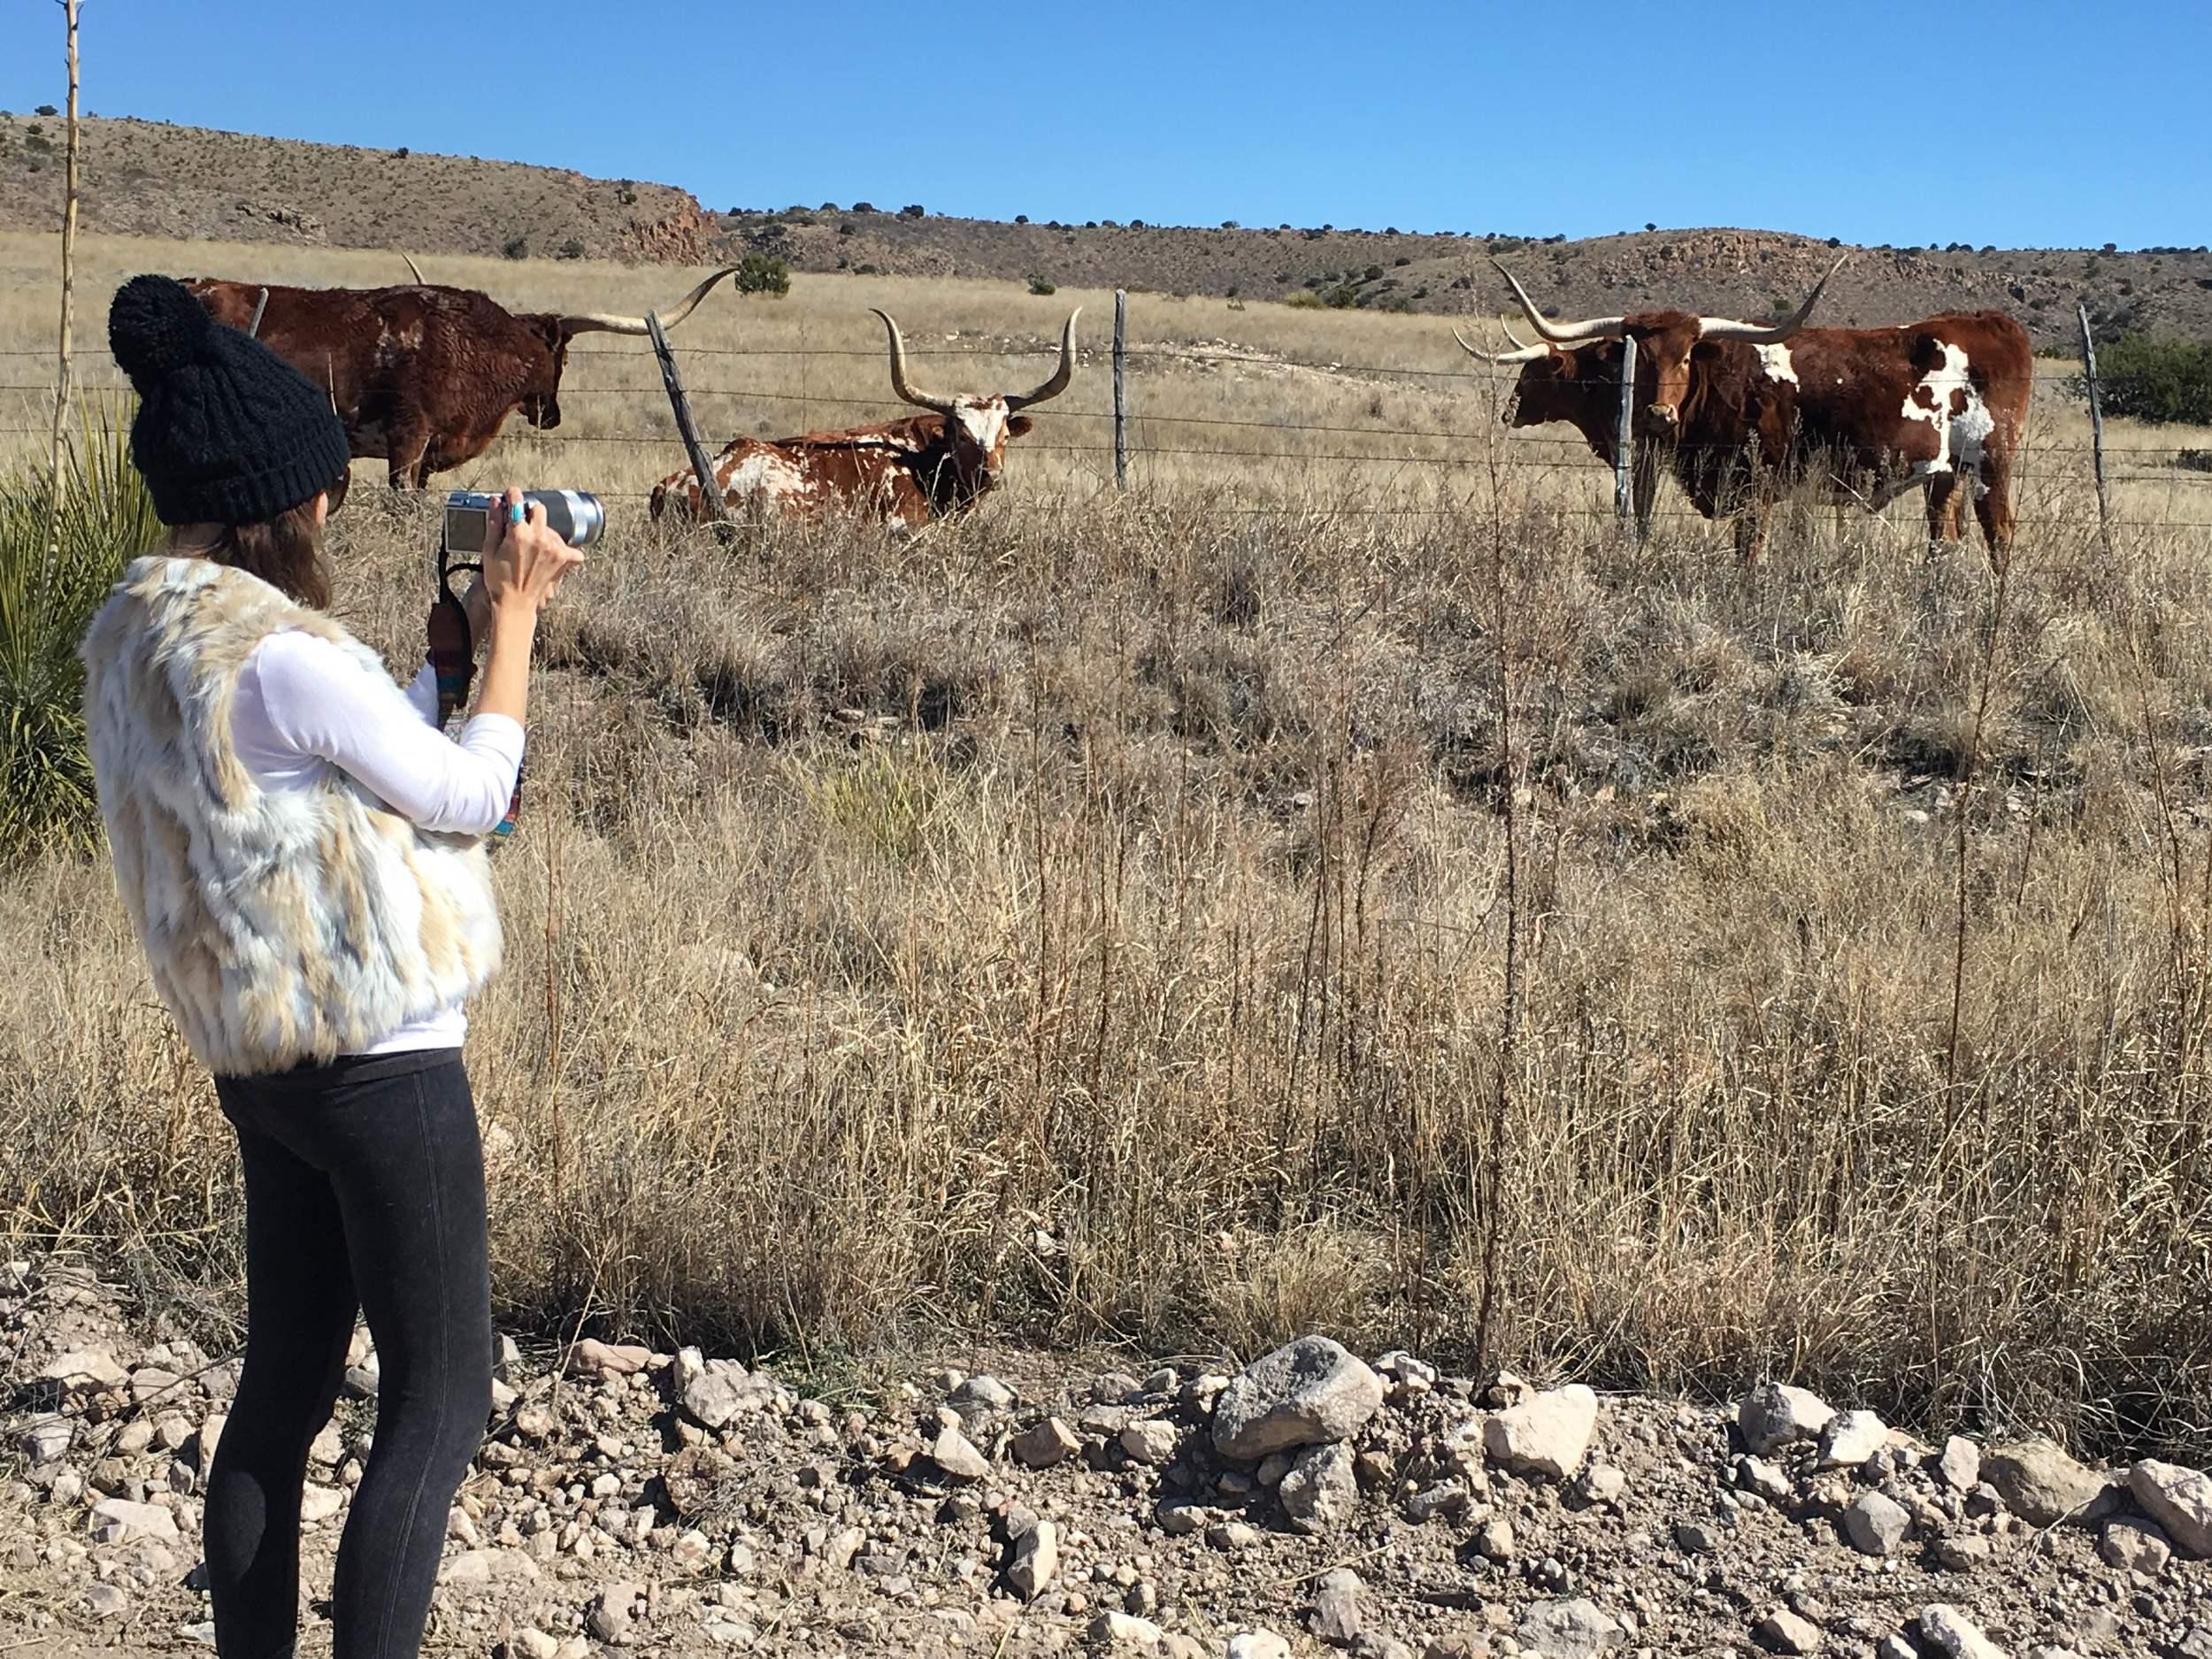 Rachel photographing Long Horns in Texas.